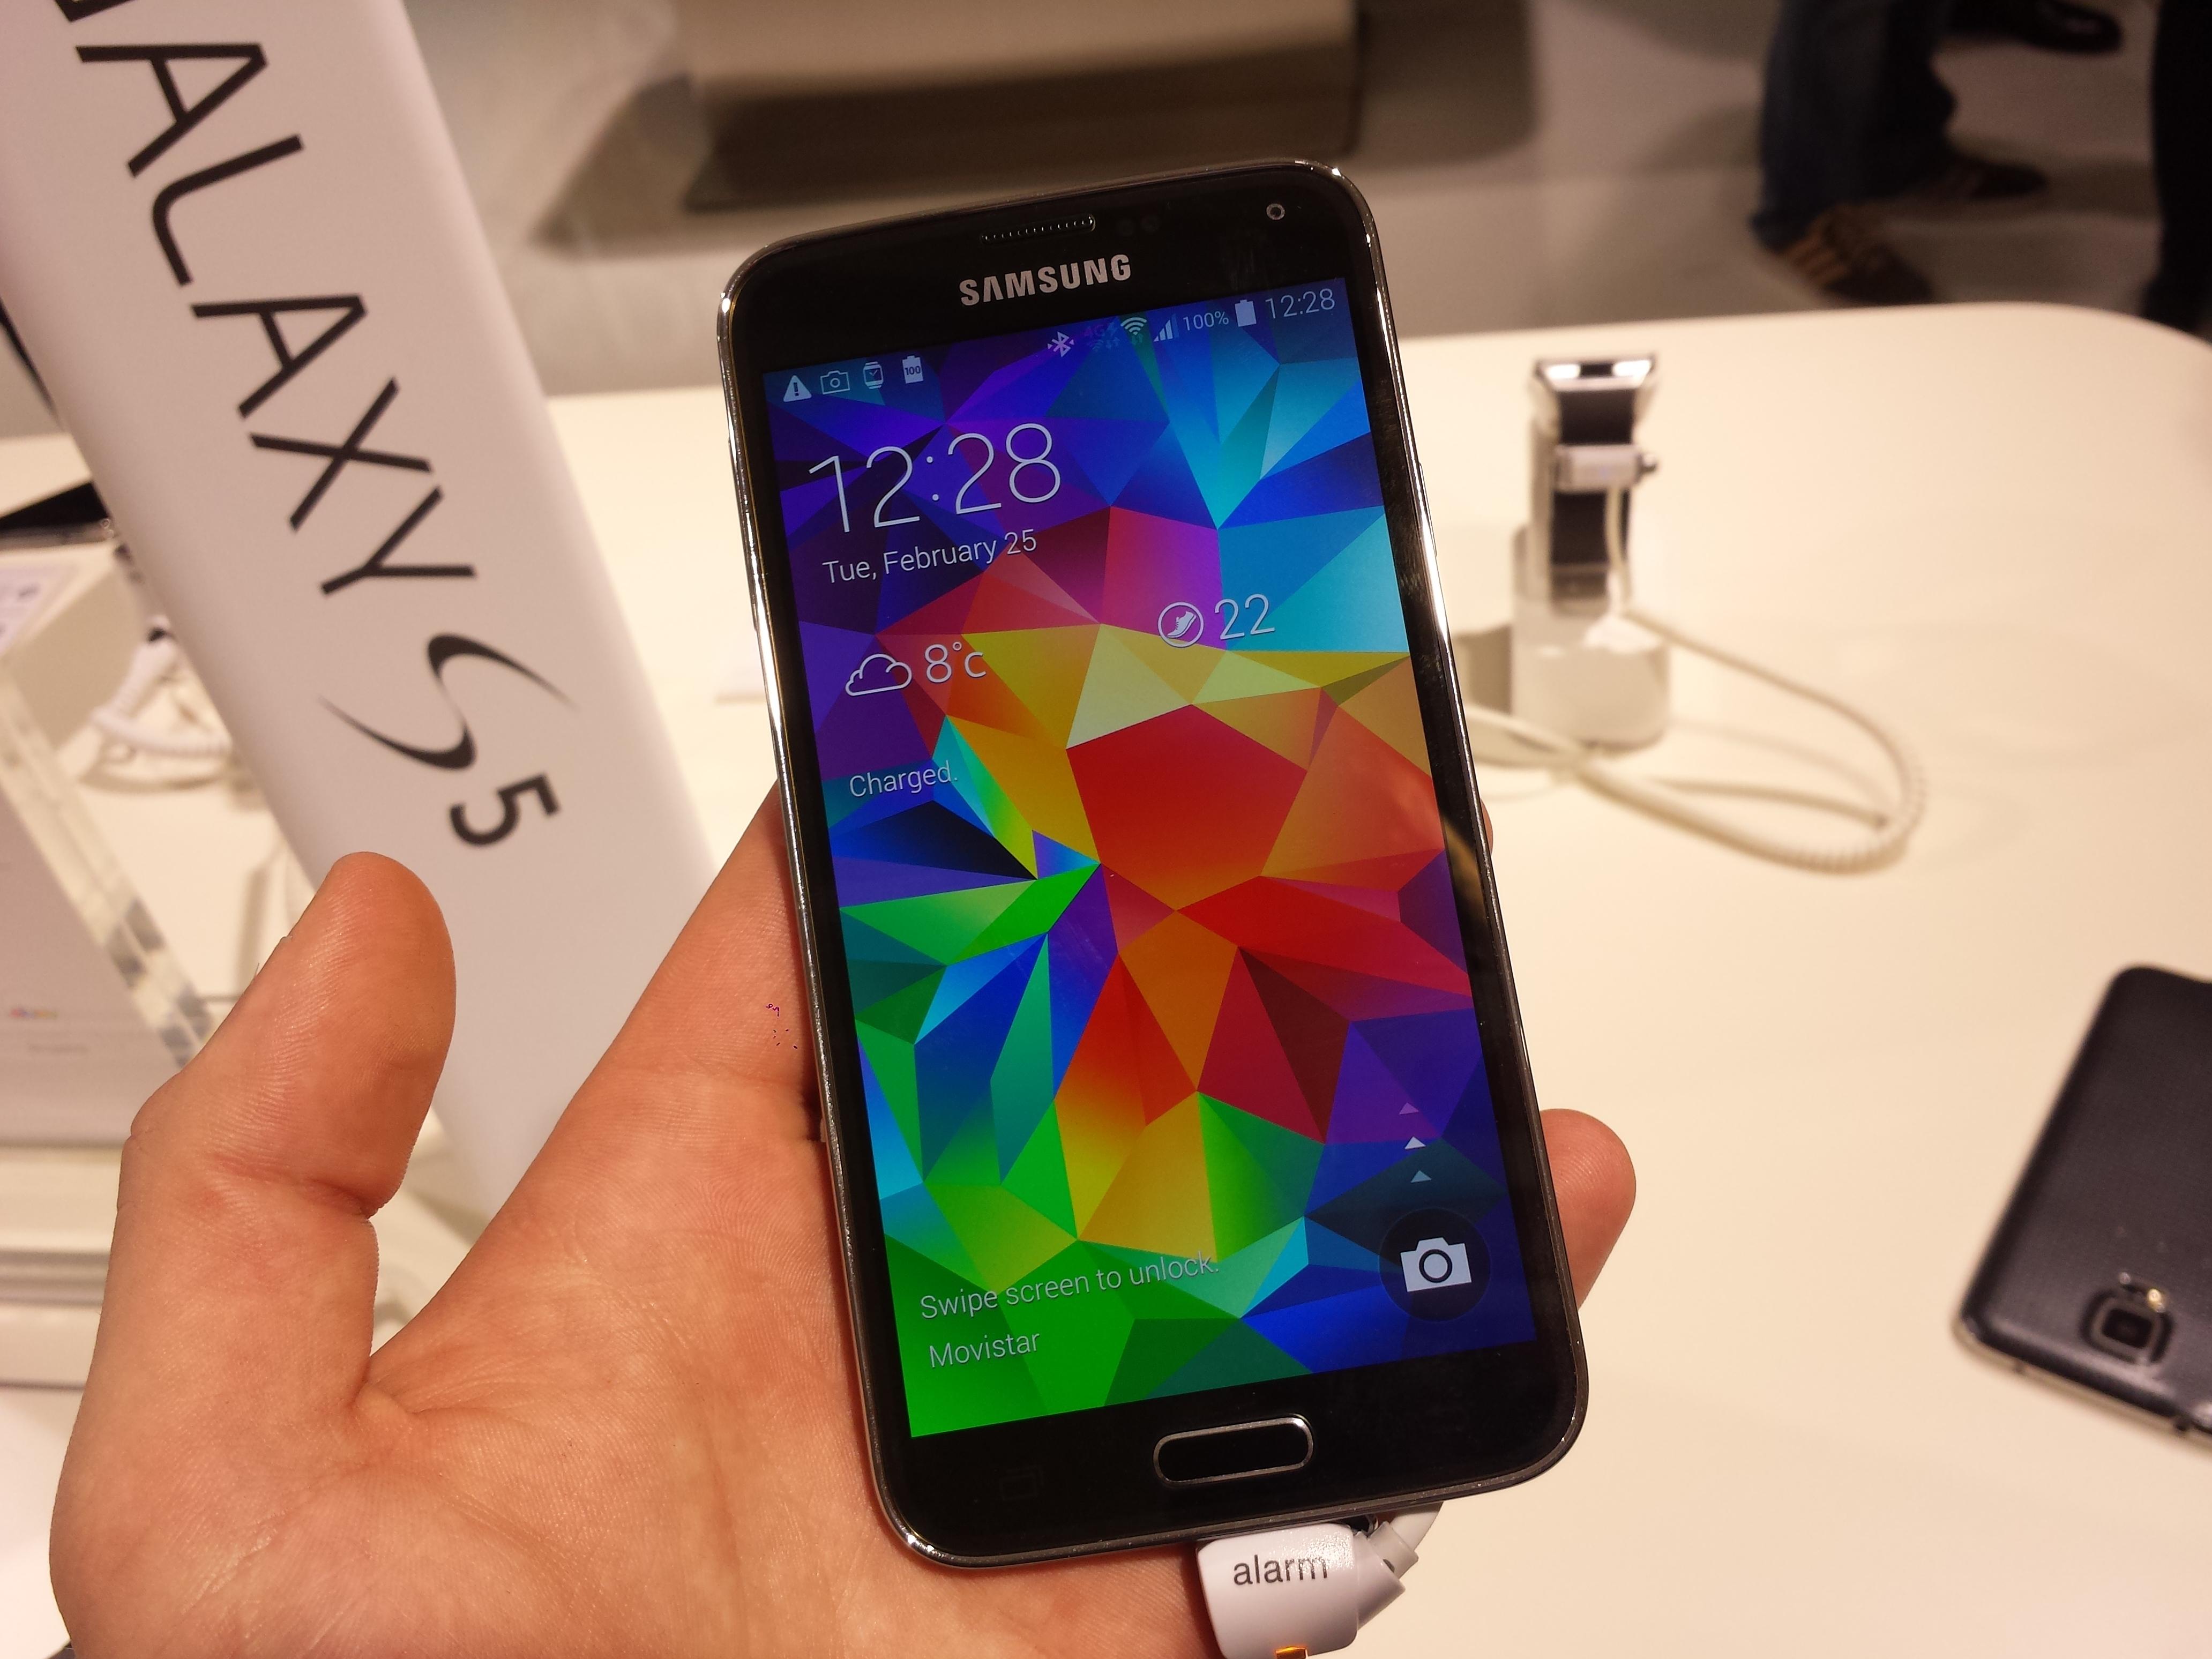 Samsung Galaxy S5 10 gb disponibili su i 16 totali